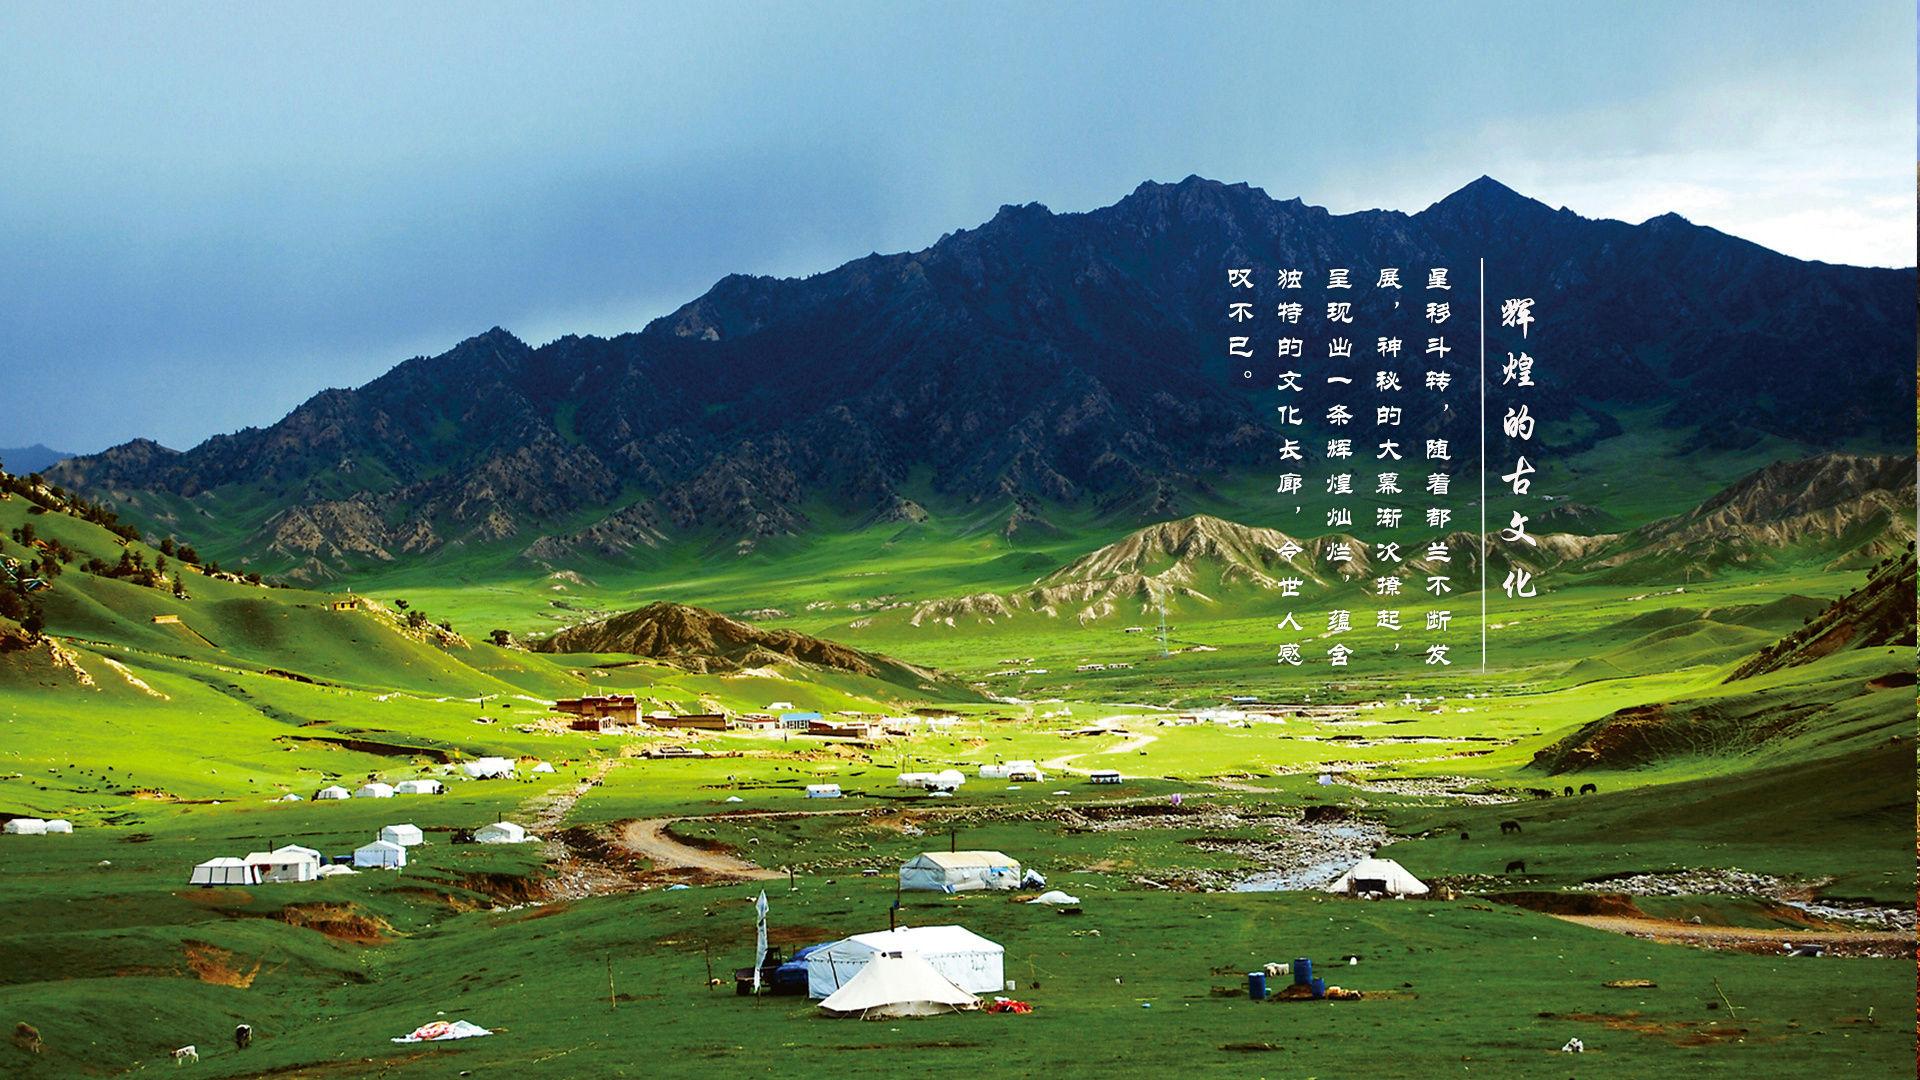 中国一个古老而神秘的人间天堂图片